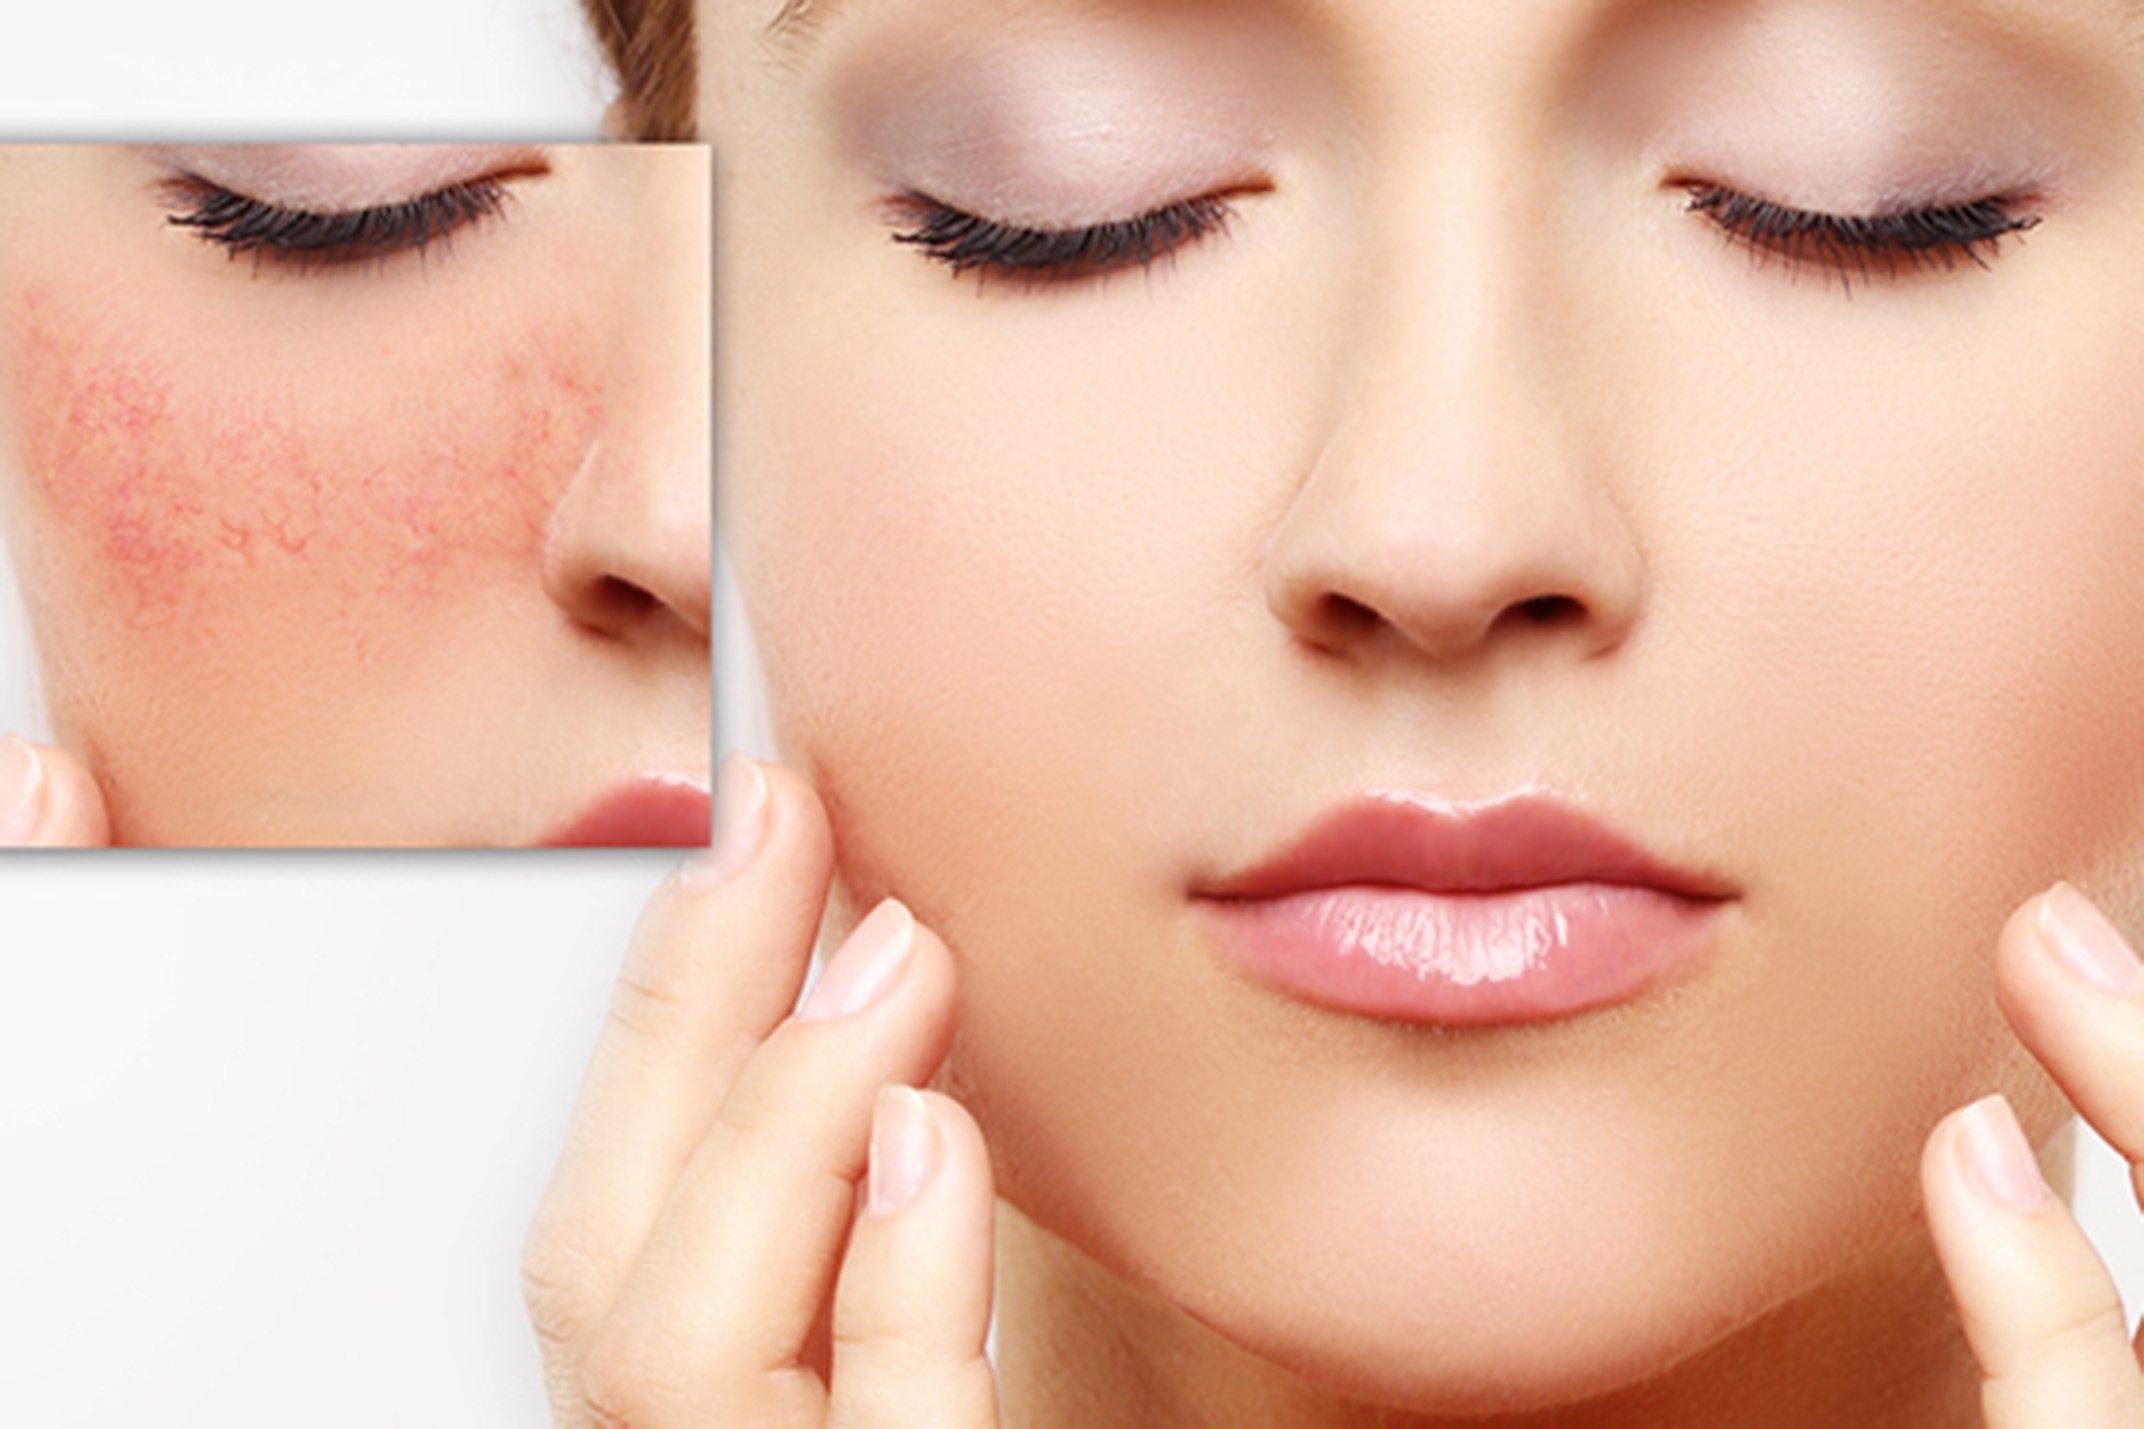 Associação Tópica de Niacinamida e Ácido Tranexâmico Reduz Hiperpigmentação Facial